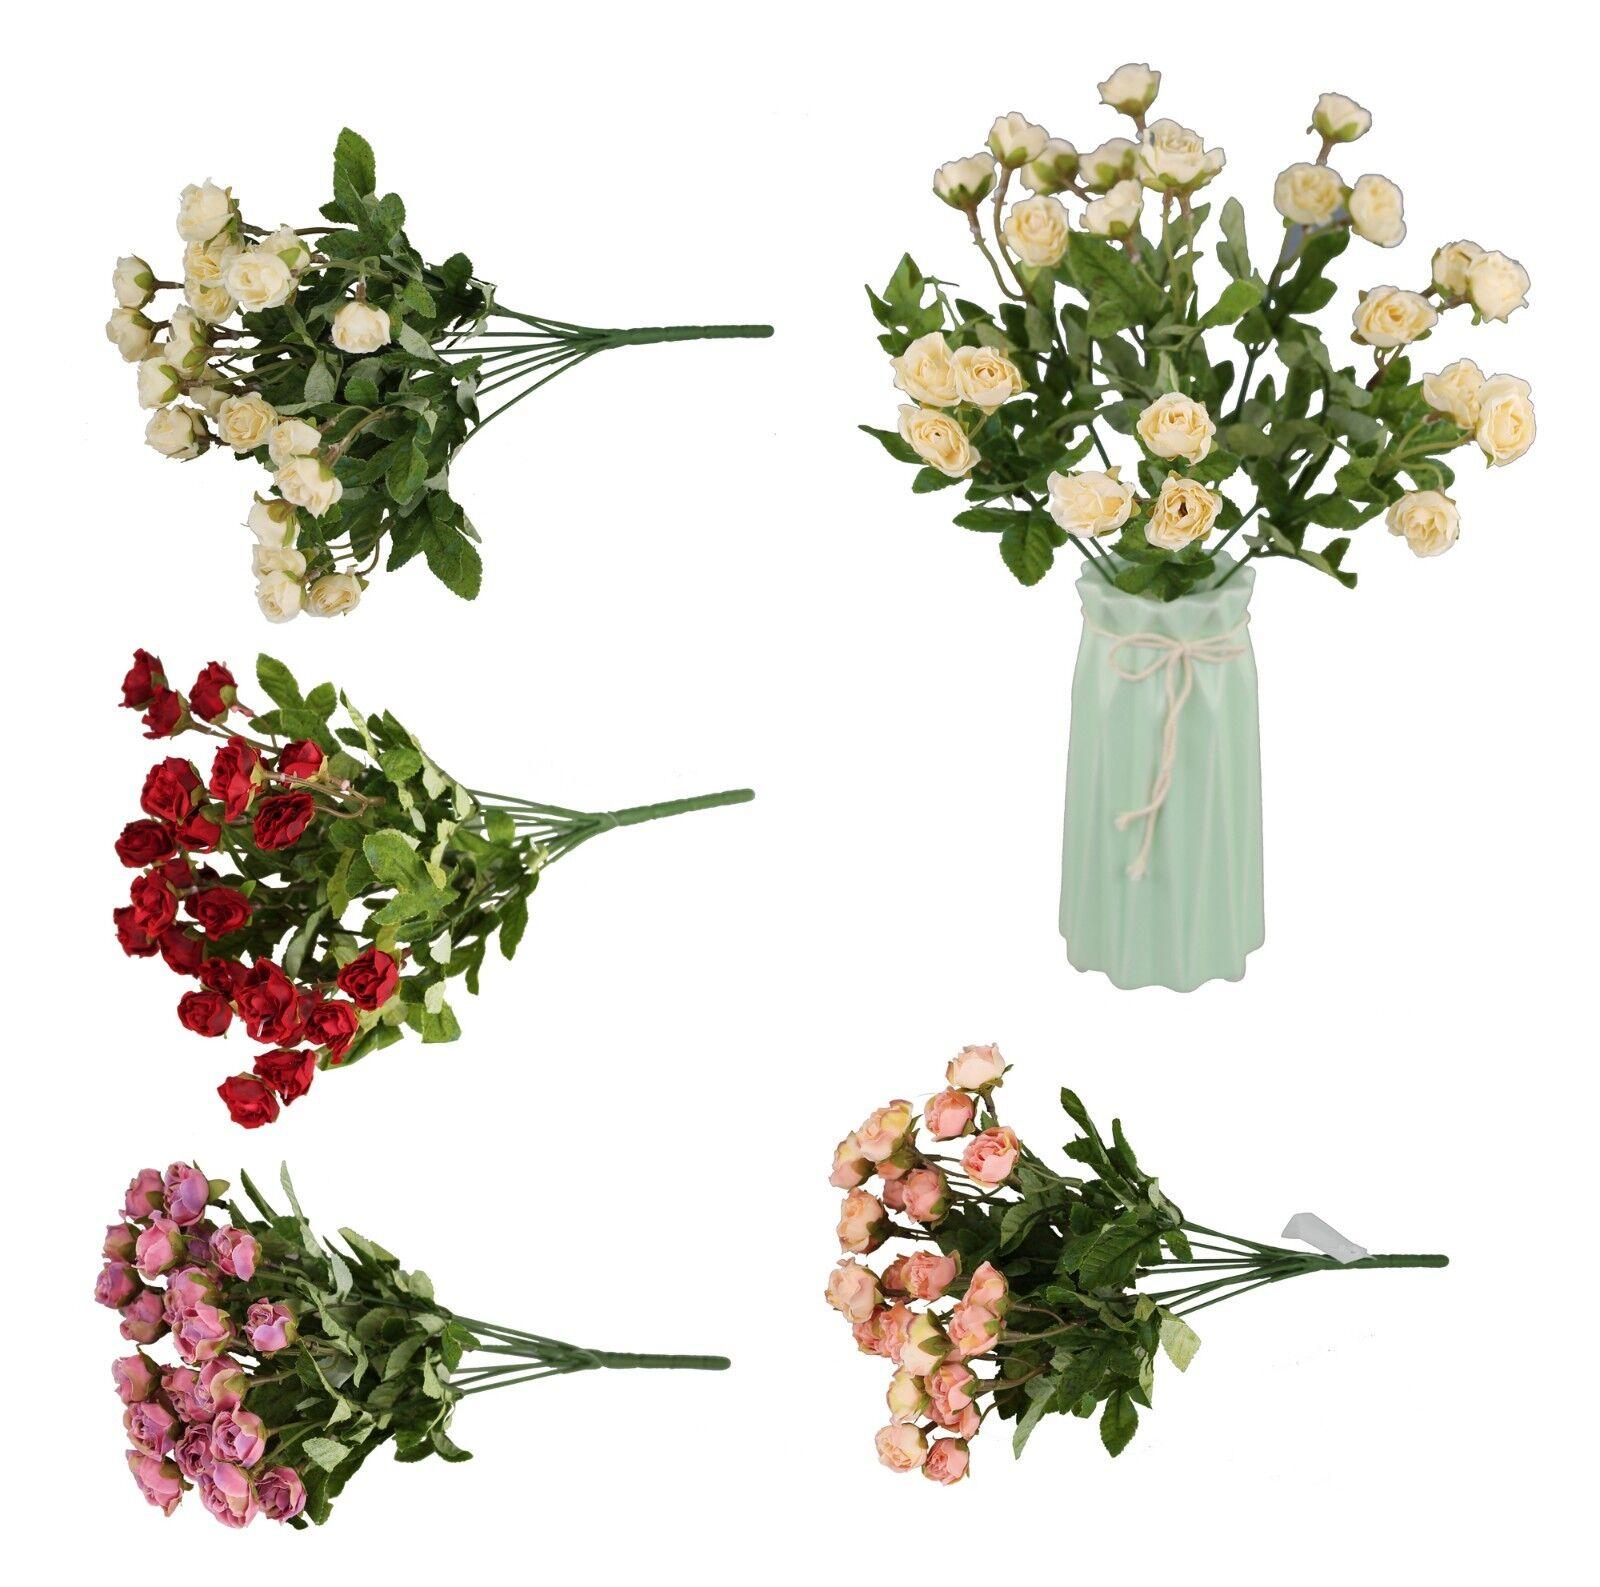 27 Rosen Bund 35 cm Kunstblumen Rose Blumen Blumenstrauß Seidenblumen Hochzeit